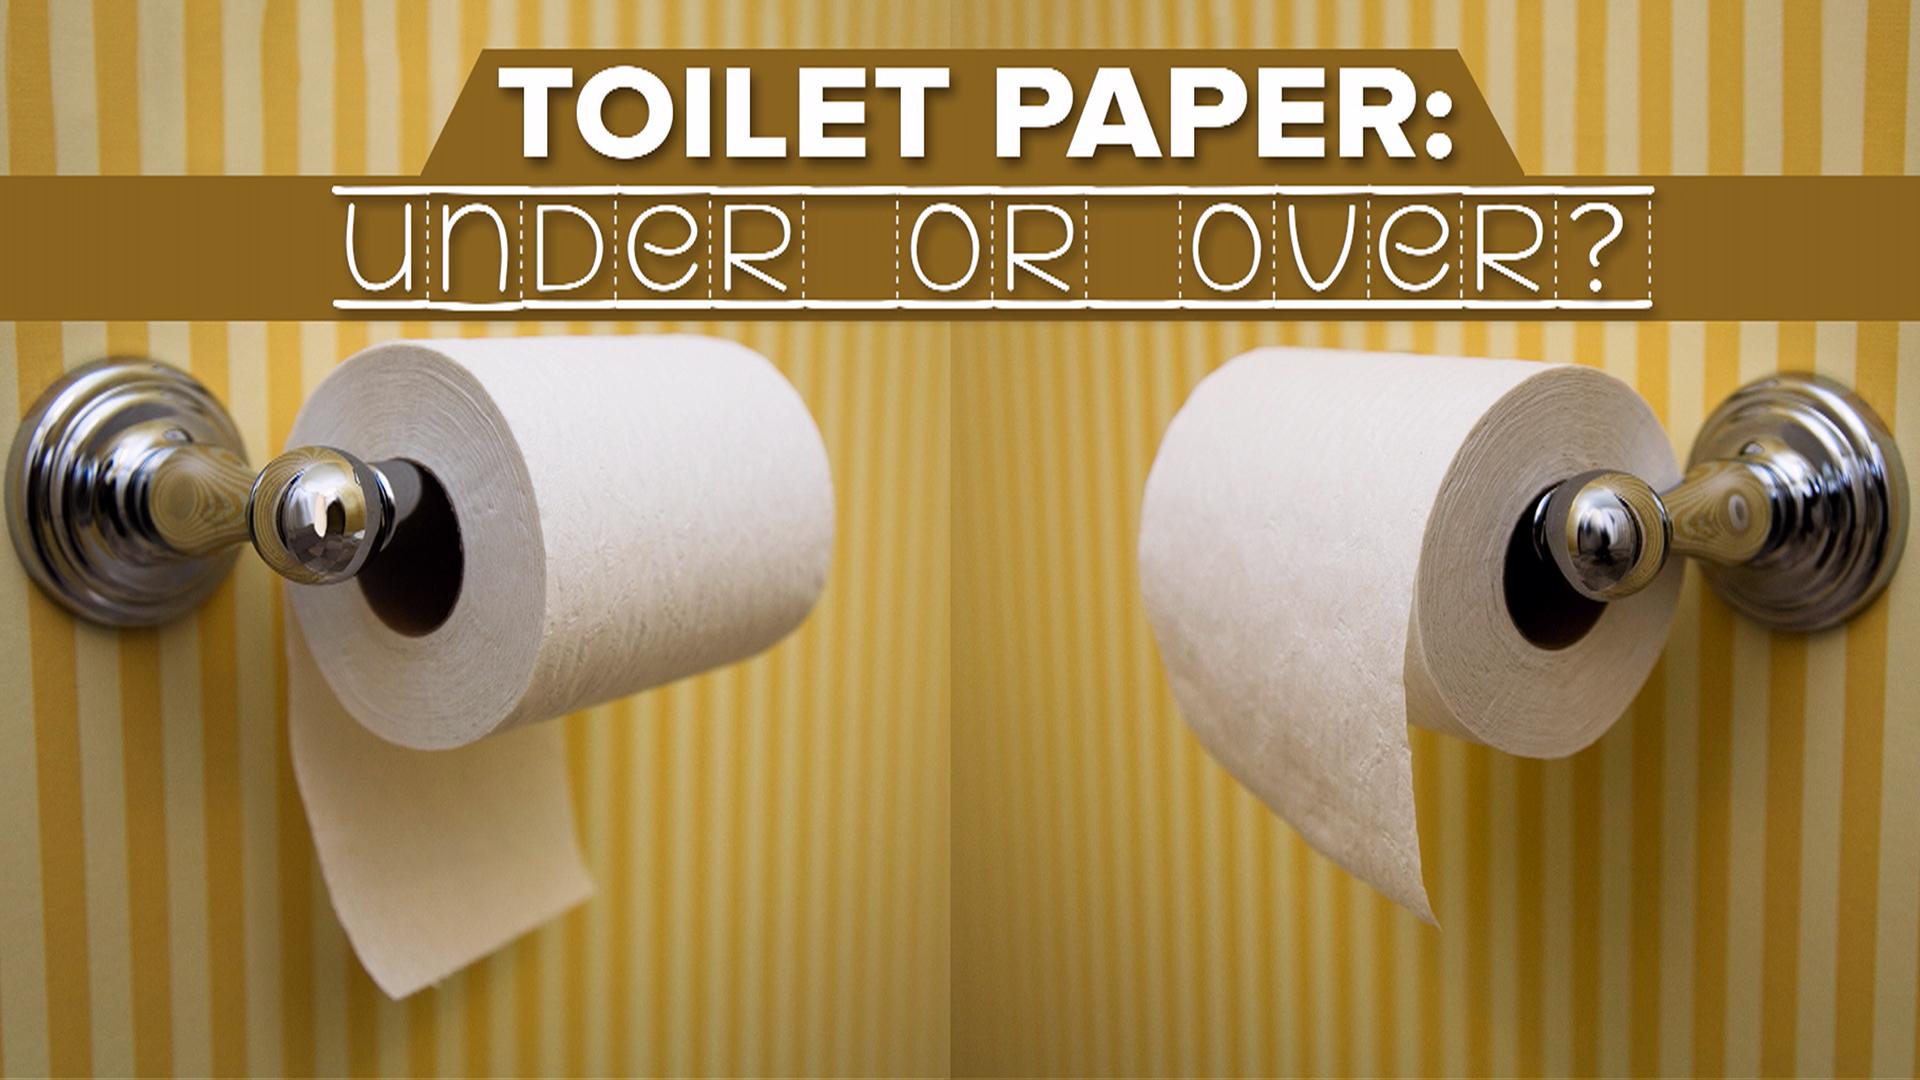 Verso Giusto Carta Igienica carta igienica: davanti o dietro? - il sanitario